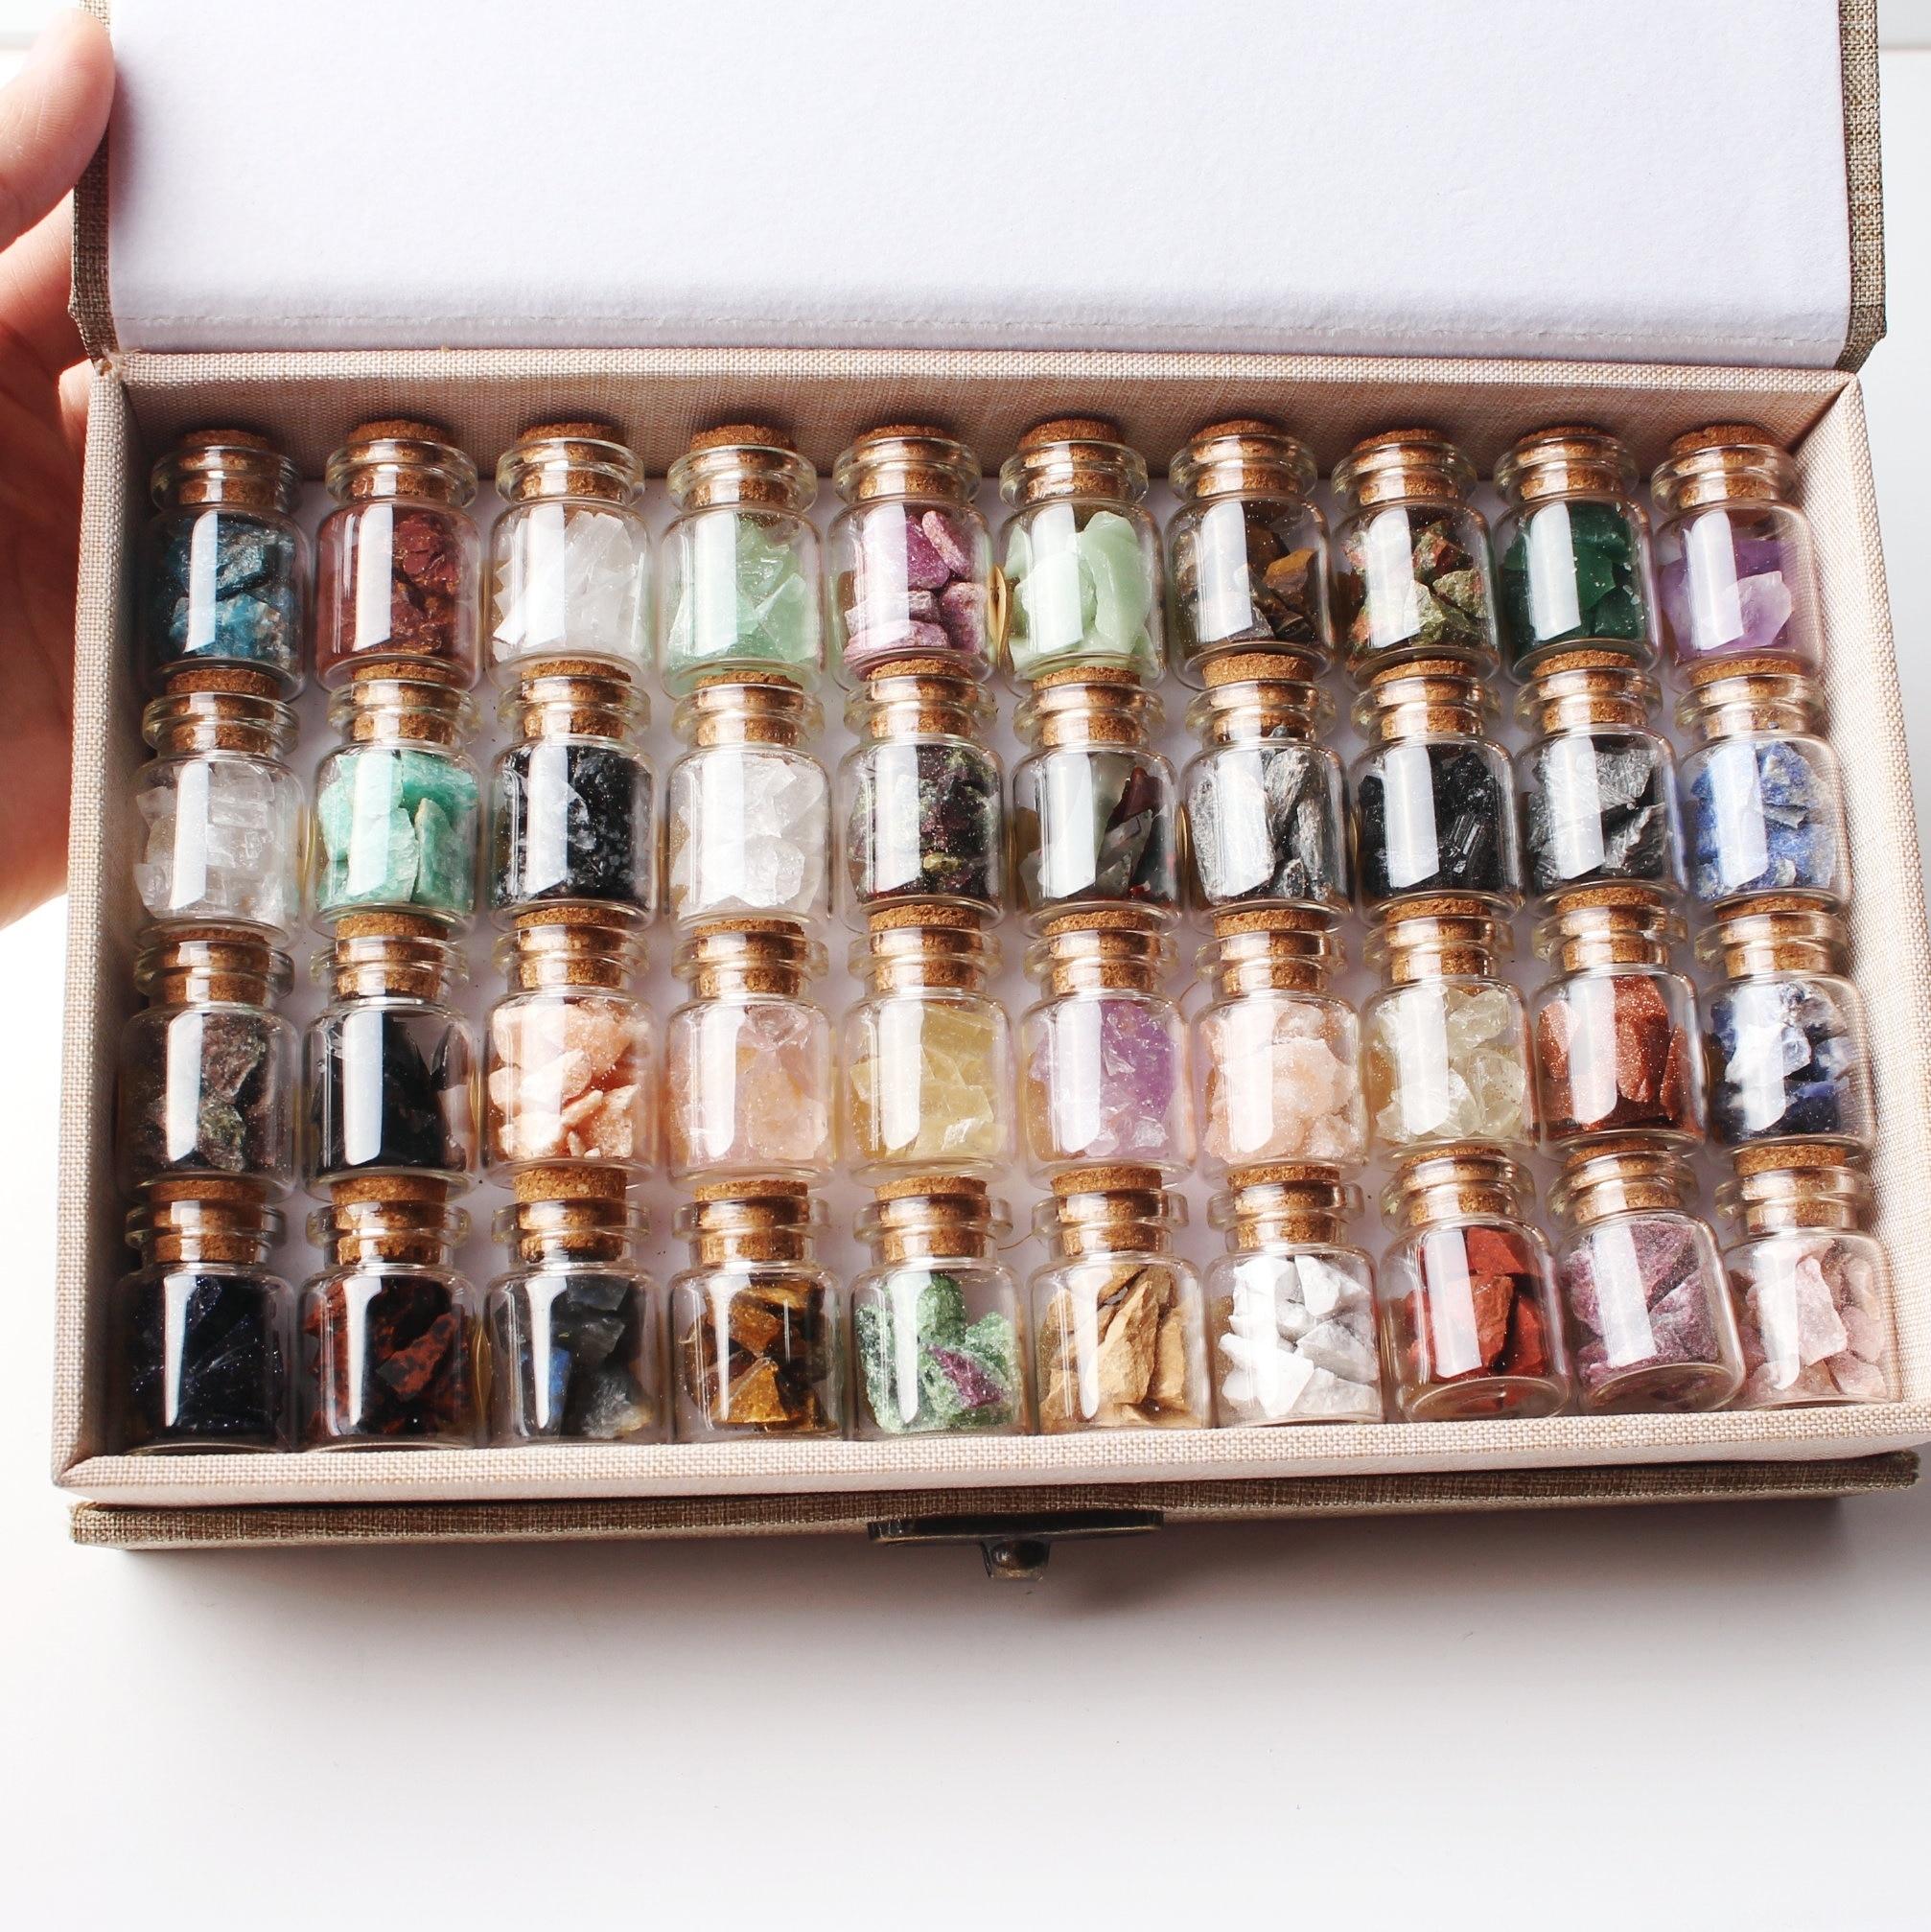 1 Набор/40 шт натуральный кристалл каменный камень Гравий бутылки желаний необработанные минералы образец мини камень, реики исцеление подарок с коробкой